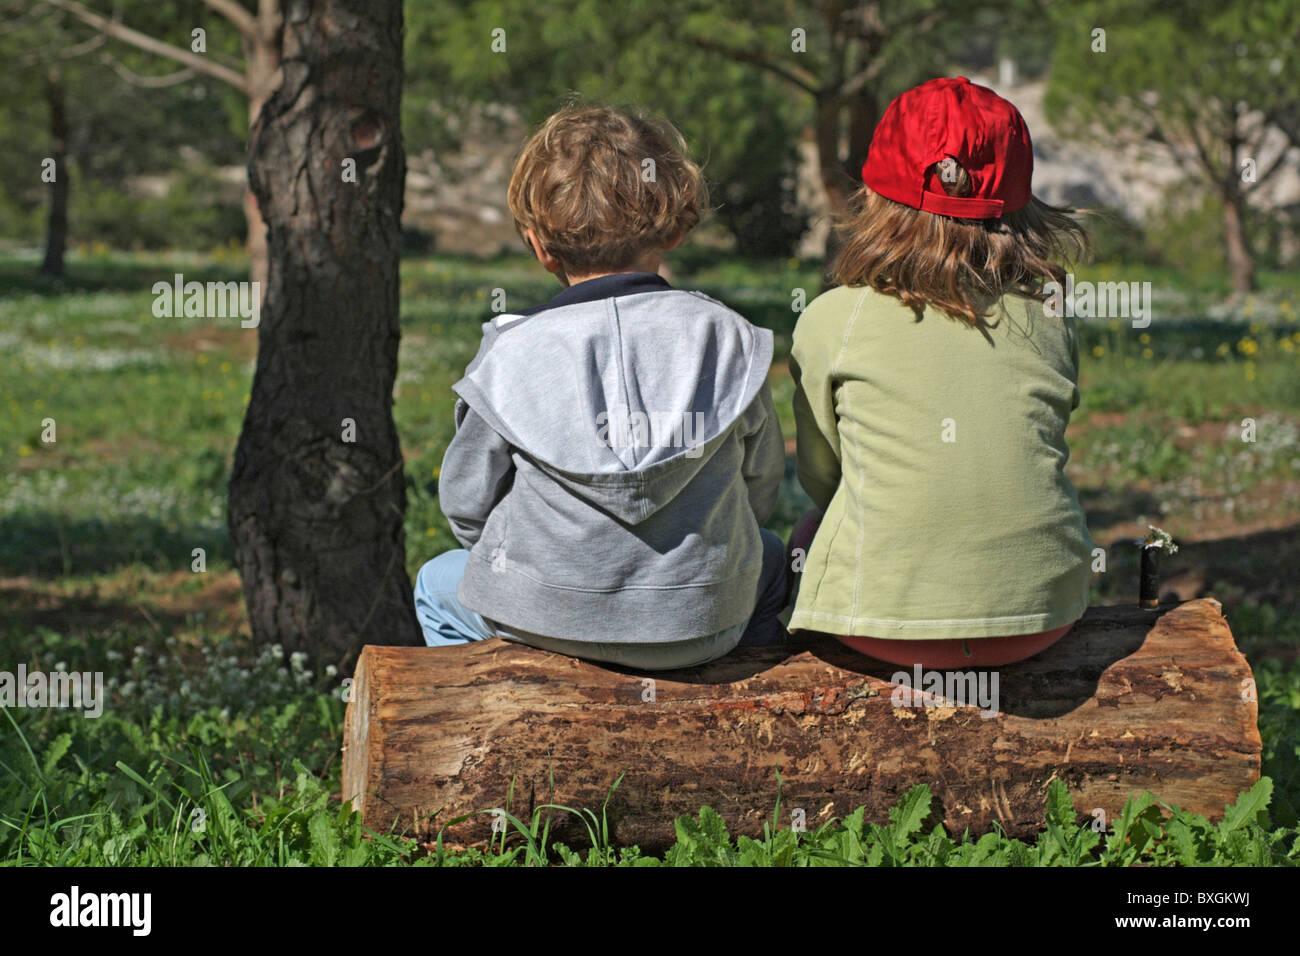 Deux petits amis assis sur un tronc d'arbre dans la forêt. Photo Stock